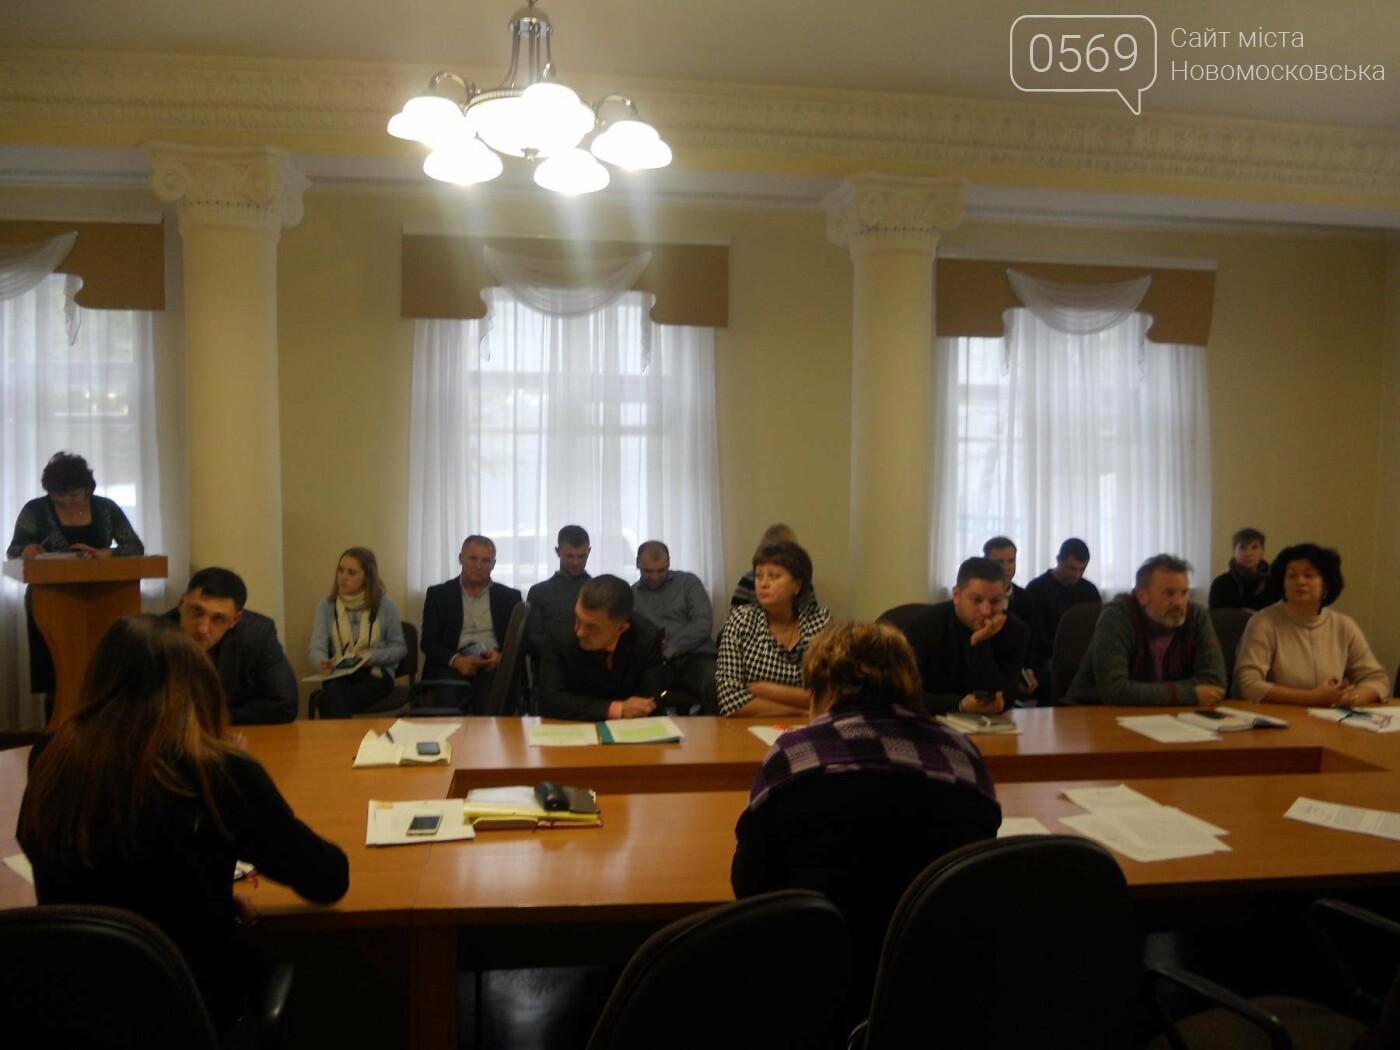 В Новомосковську ухвалили проект бюджету на 2018 рік, фото-1